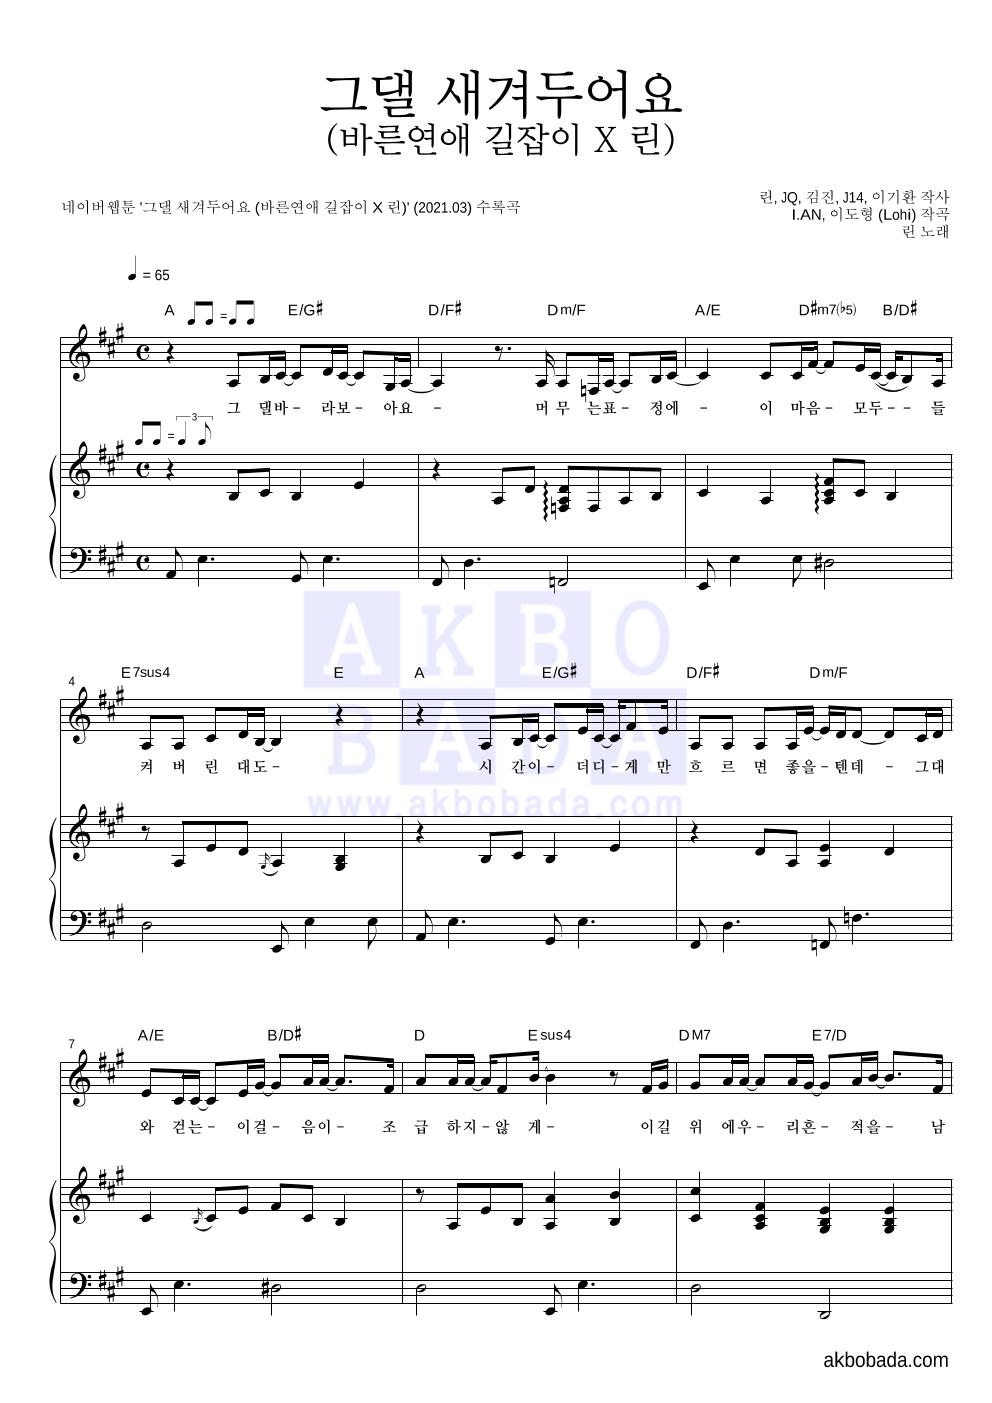 린(Lyn) - 그댈 새겨두어요 (바른연애 길잡이 X 린) 피아노 3단 악보